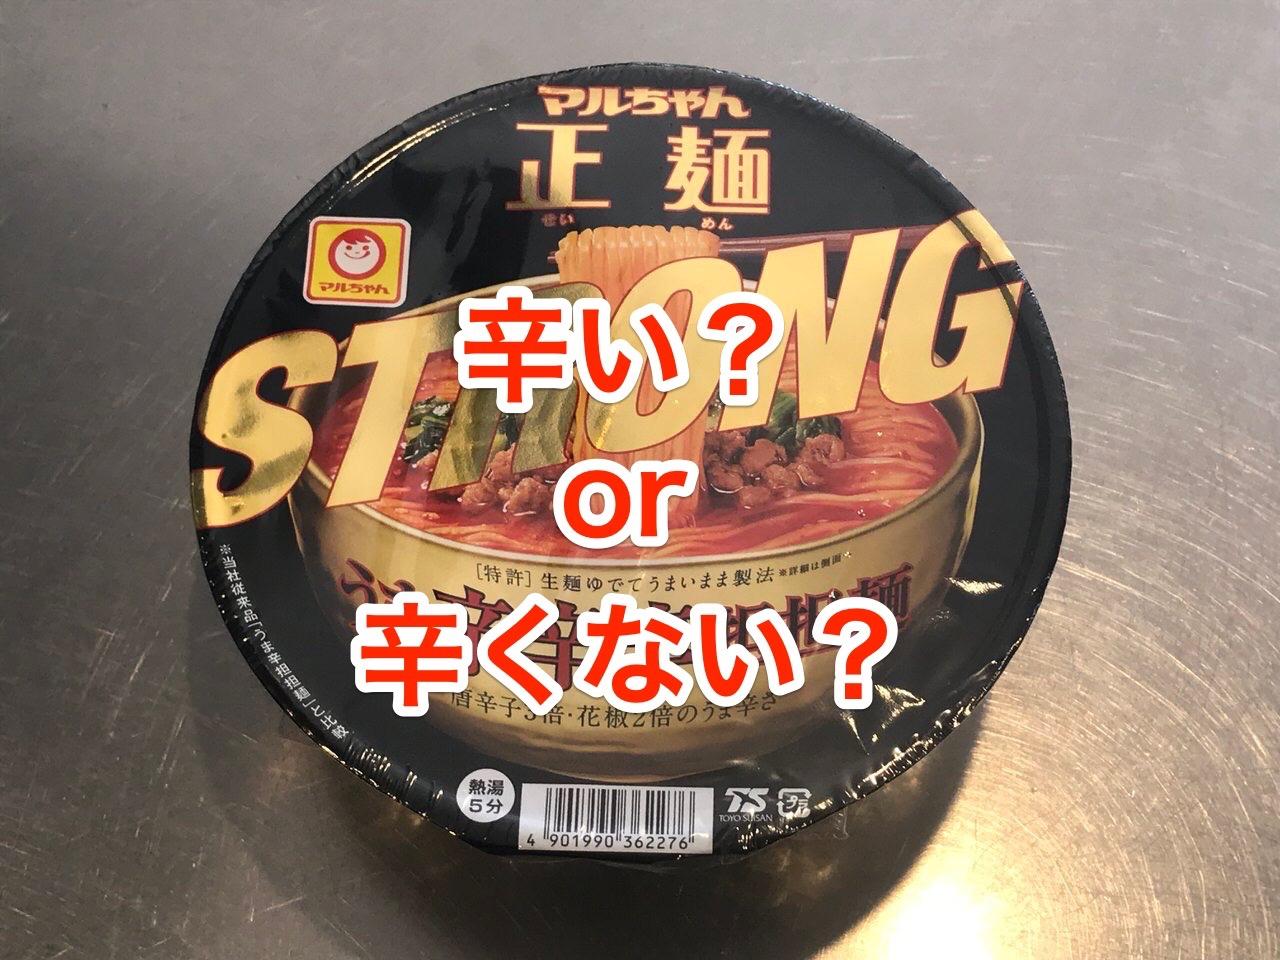 「マルちゃん正麺 カップ うま辛辛辛担担麺 STRONG」思ったほど辛くなかった【感想】